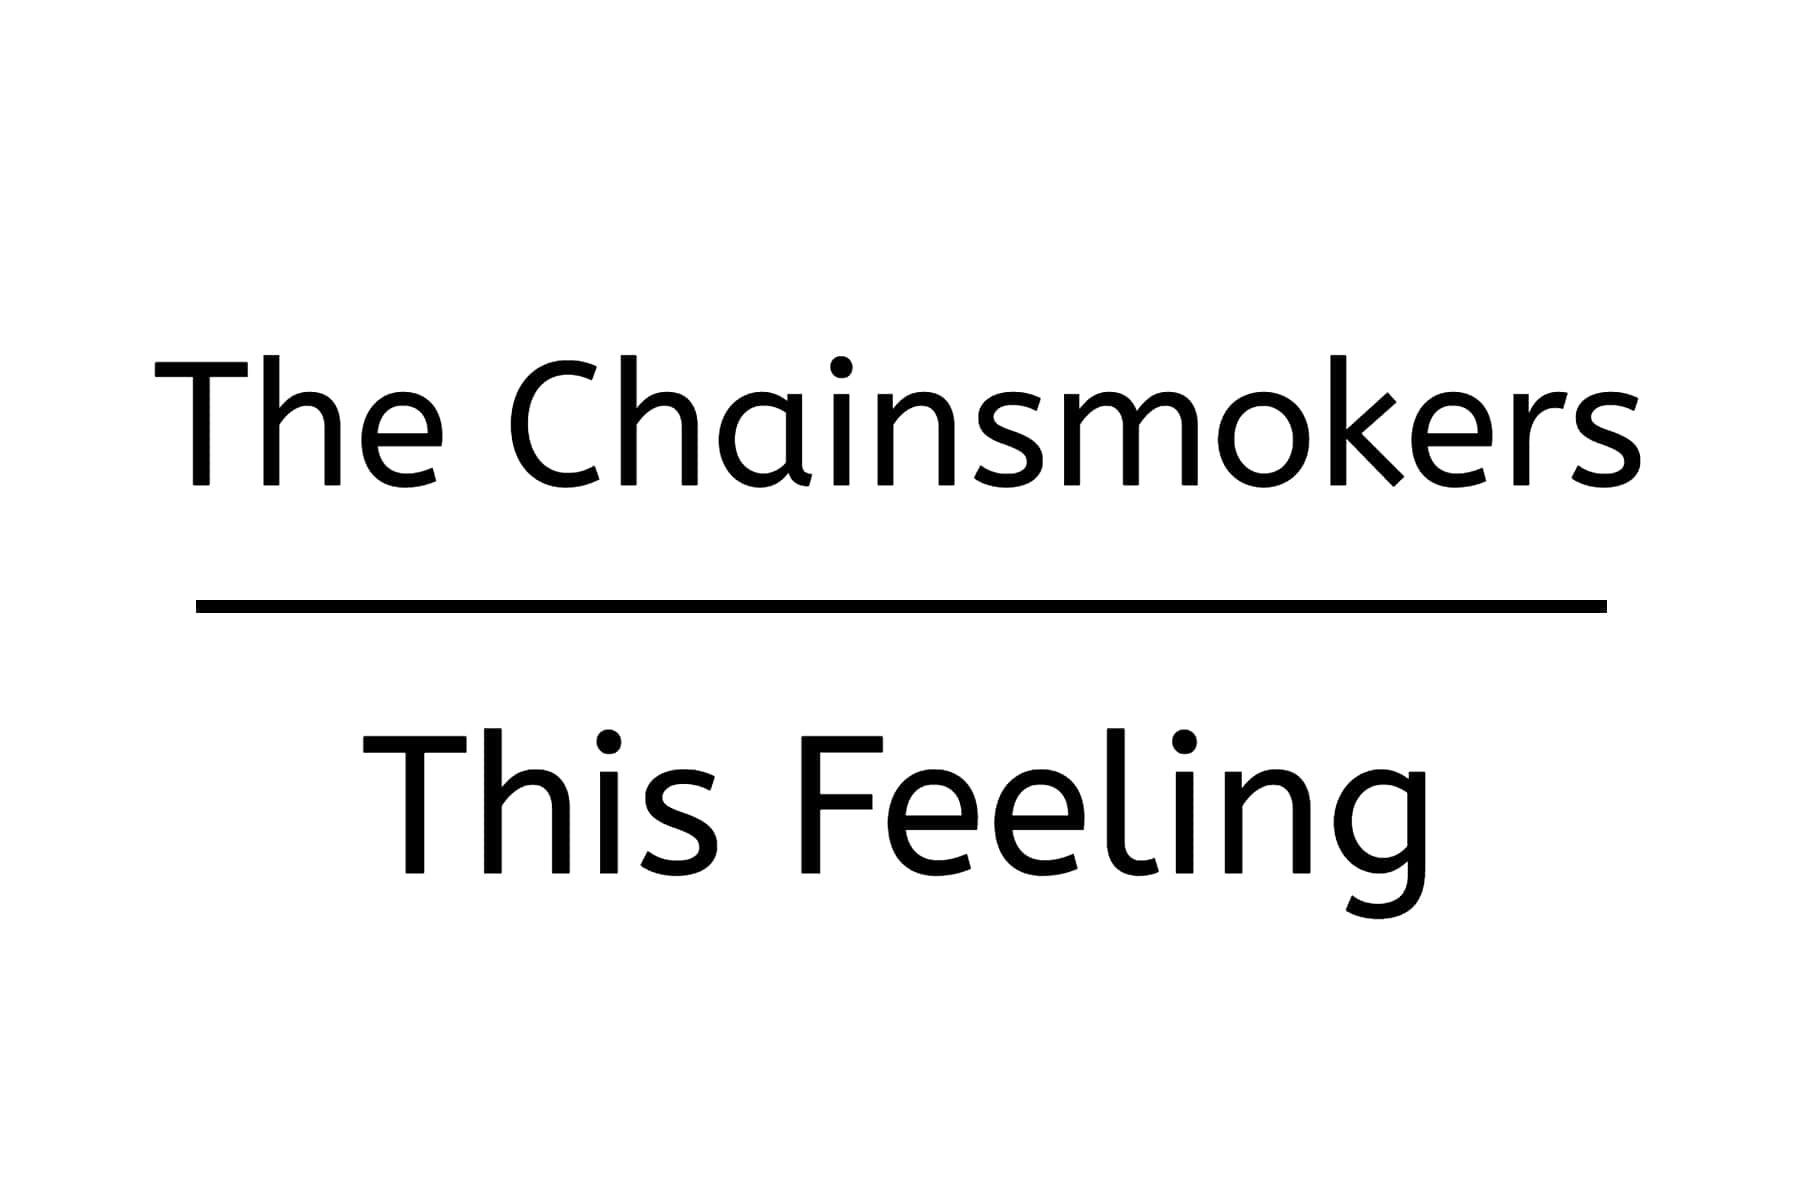 ザ・チェインスモーカーズ、2018年7曲目の新曲「This Feeling」をリリース!!